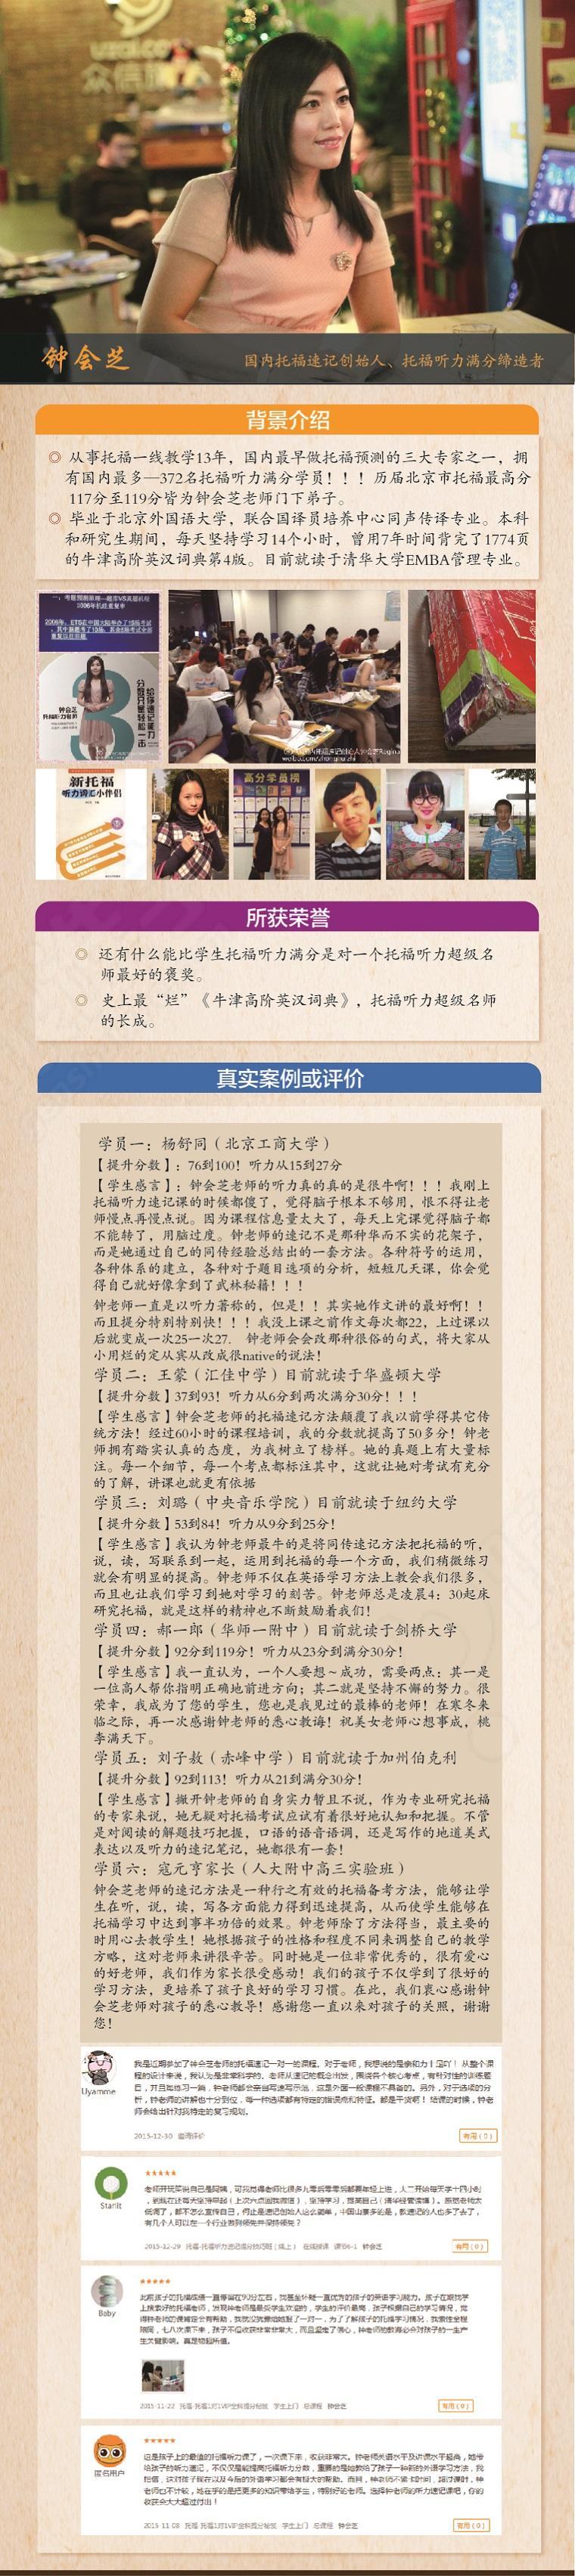 老师简介海报版03-03.jpg